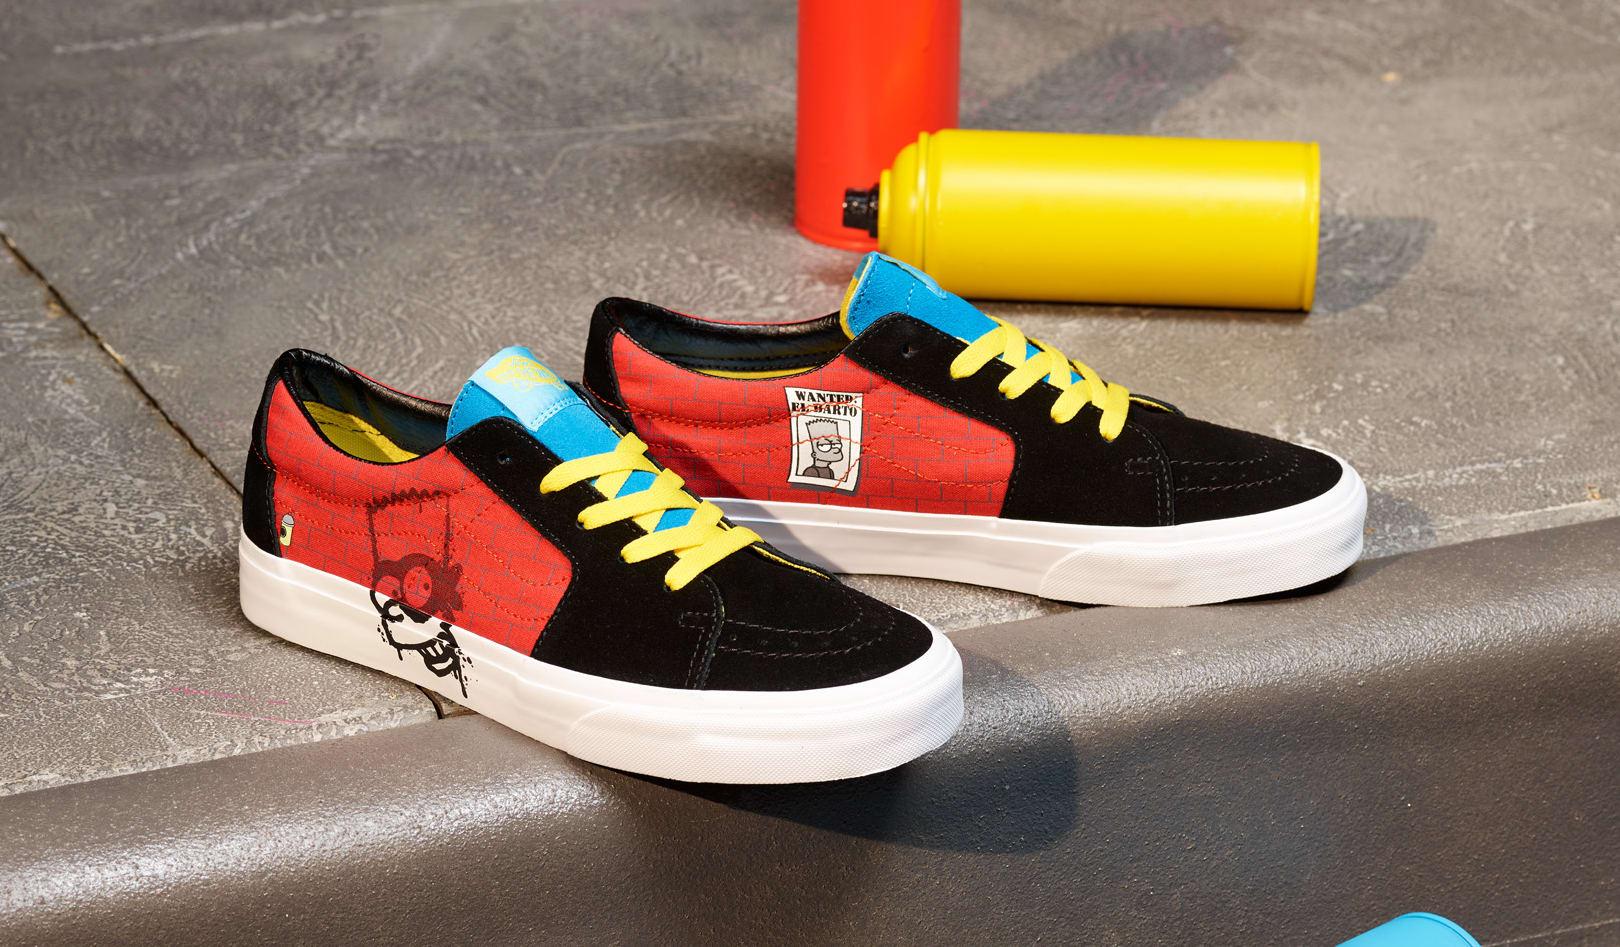 The Simpsons x Vans Sk8-Low